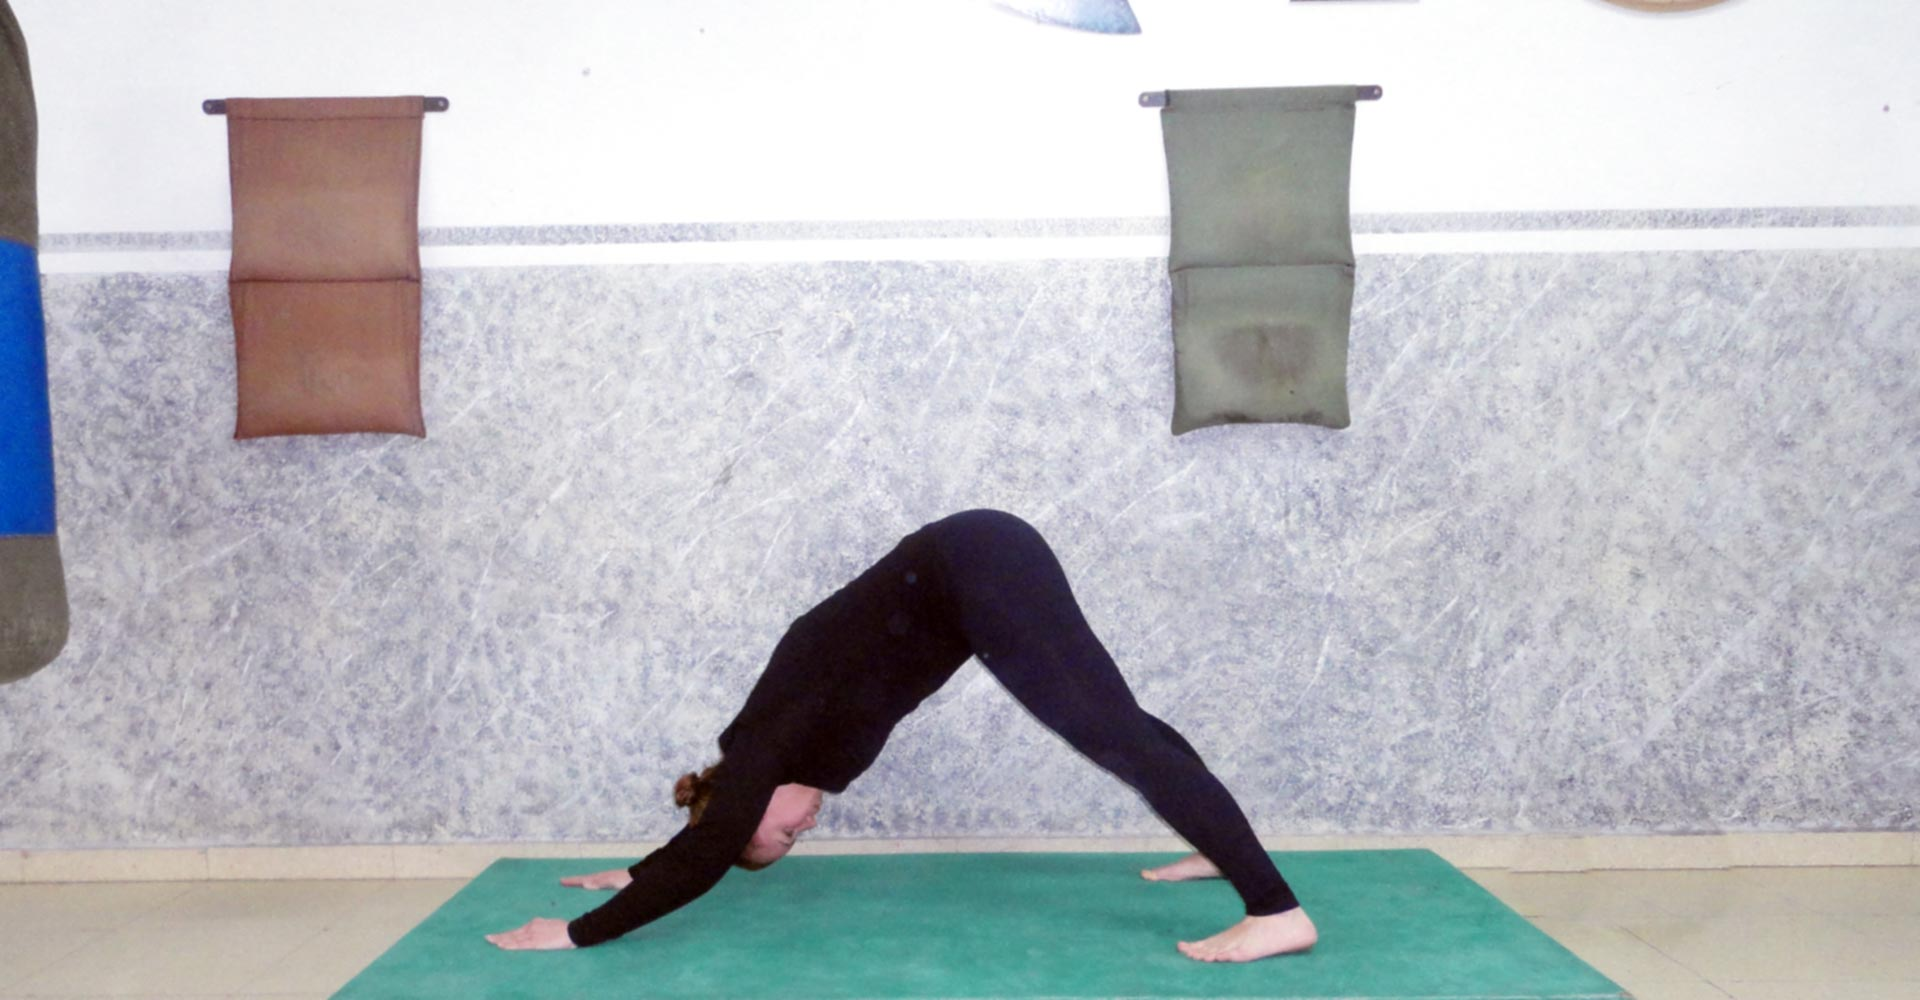 Pilates - Una de las posiciones de la clase de Pilates